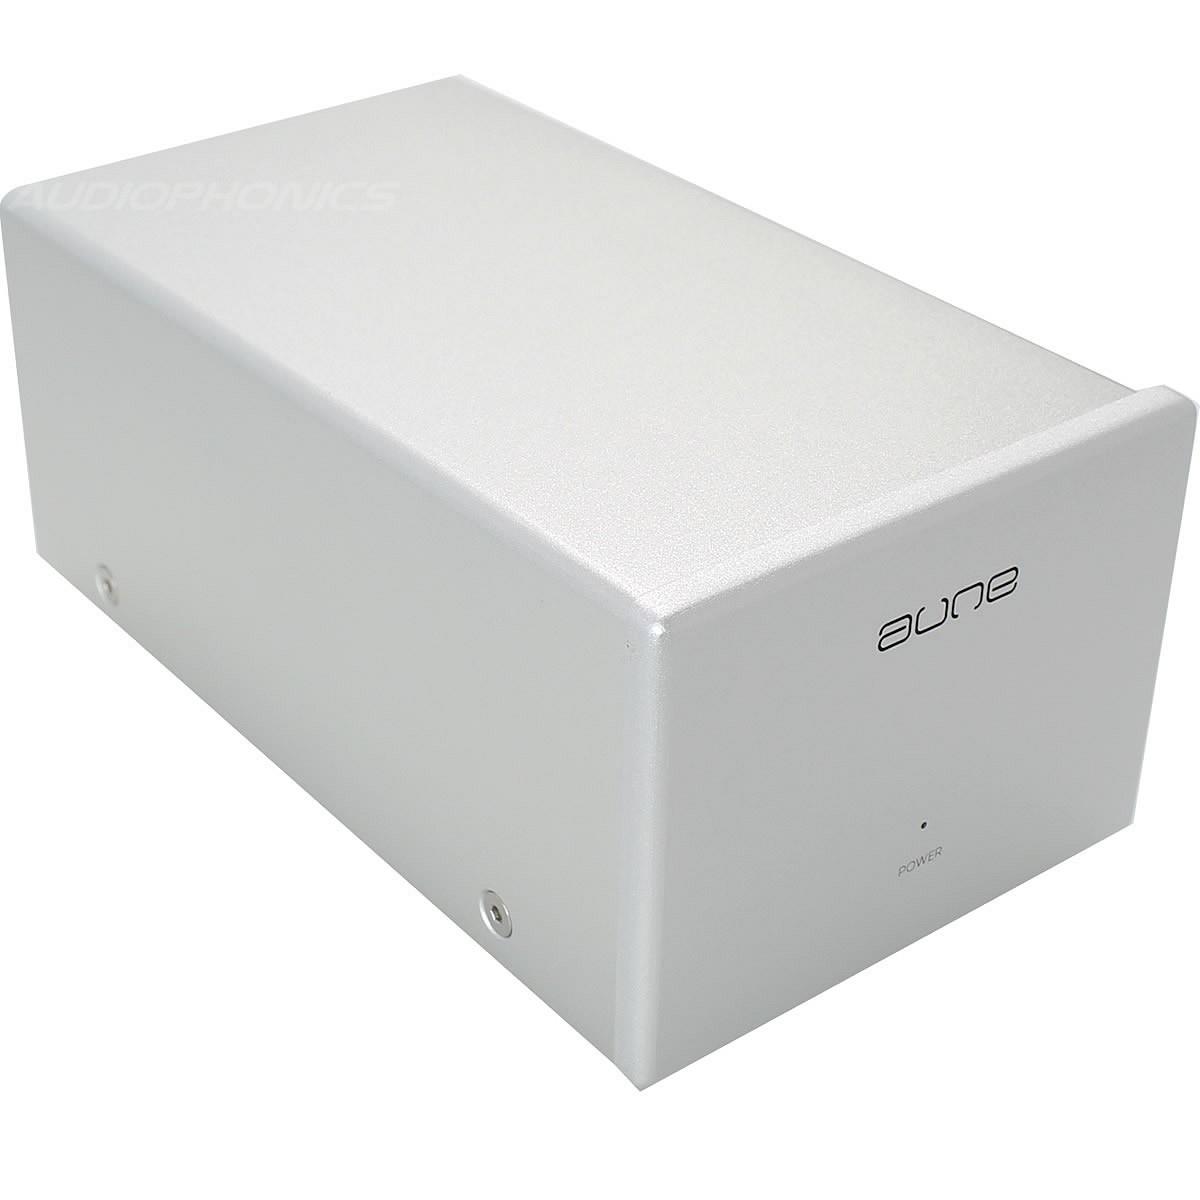 AUNE XP1 Alimentation linéaire externe pour AUNE X1s / X5s / X7s / T1se Silver